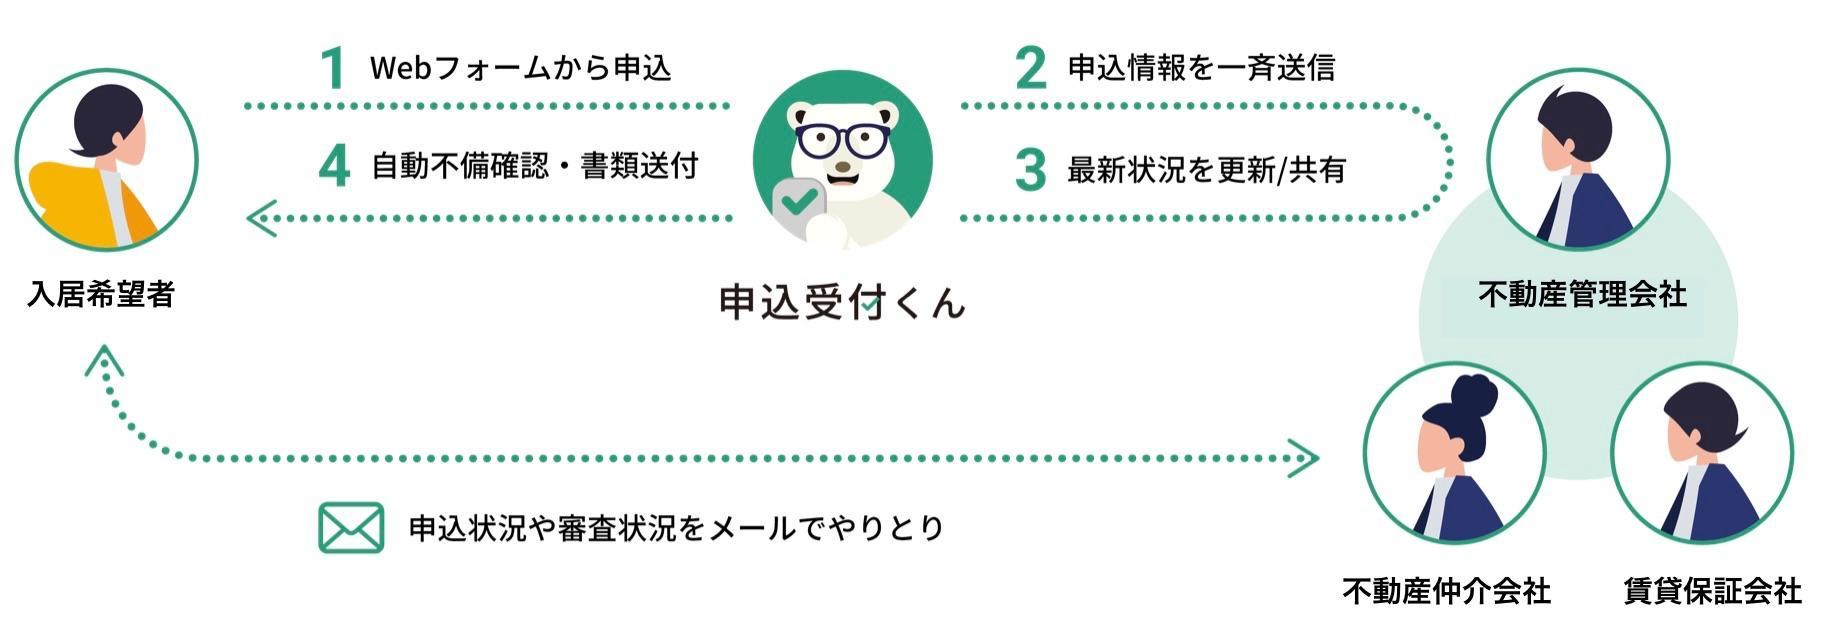 <「申込受付くん」サービスイメージ>